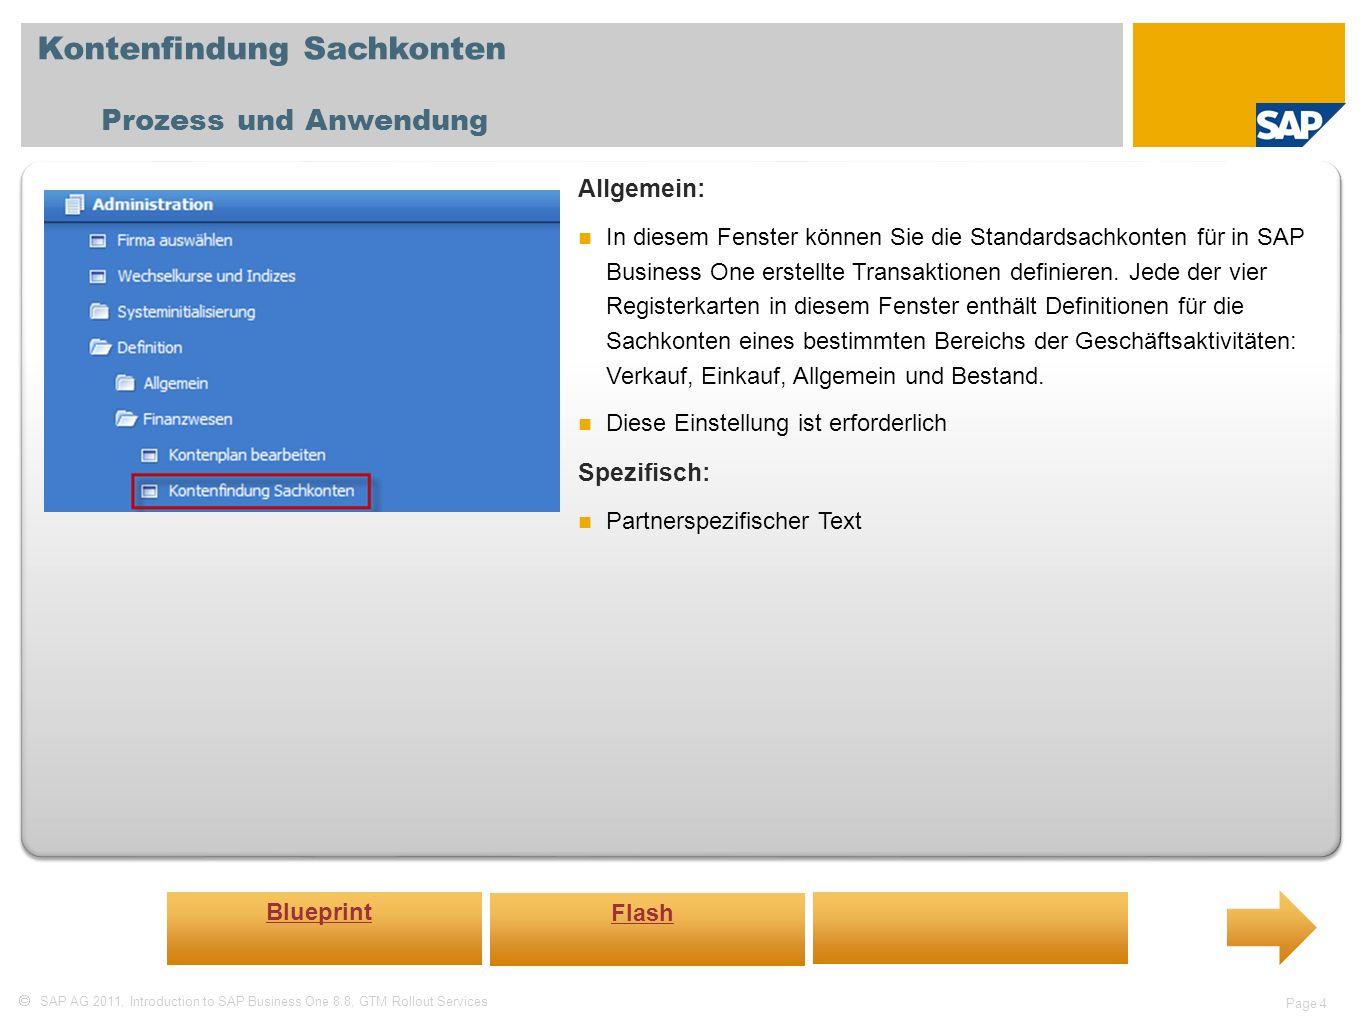 SAP AG 2011, Introduction to SAP Business One 8.8, GTM Rollout Services Page 4 Kontenfindung Sachkonten Prozess und Anwendung Allgemein: In diesem Fen